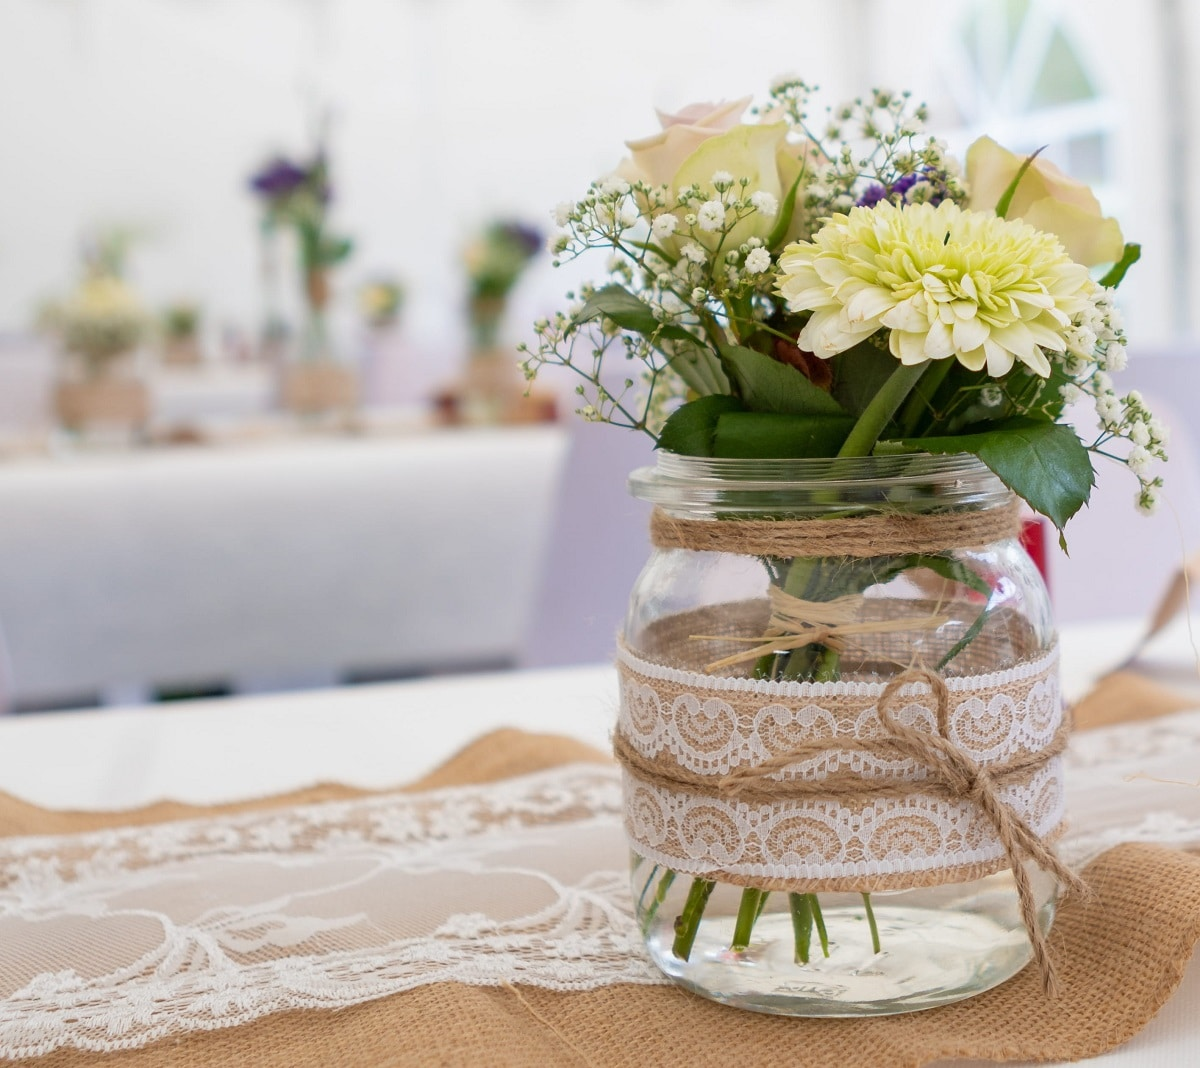 Arreglo floral rústico